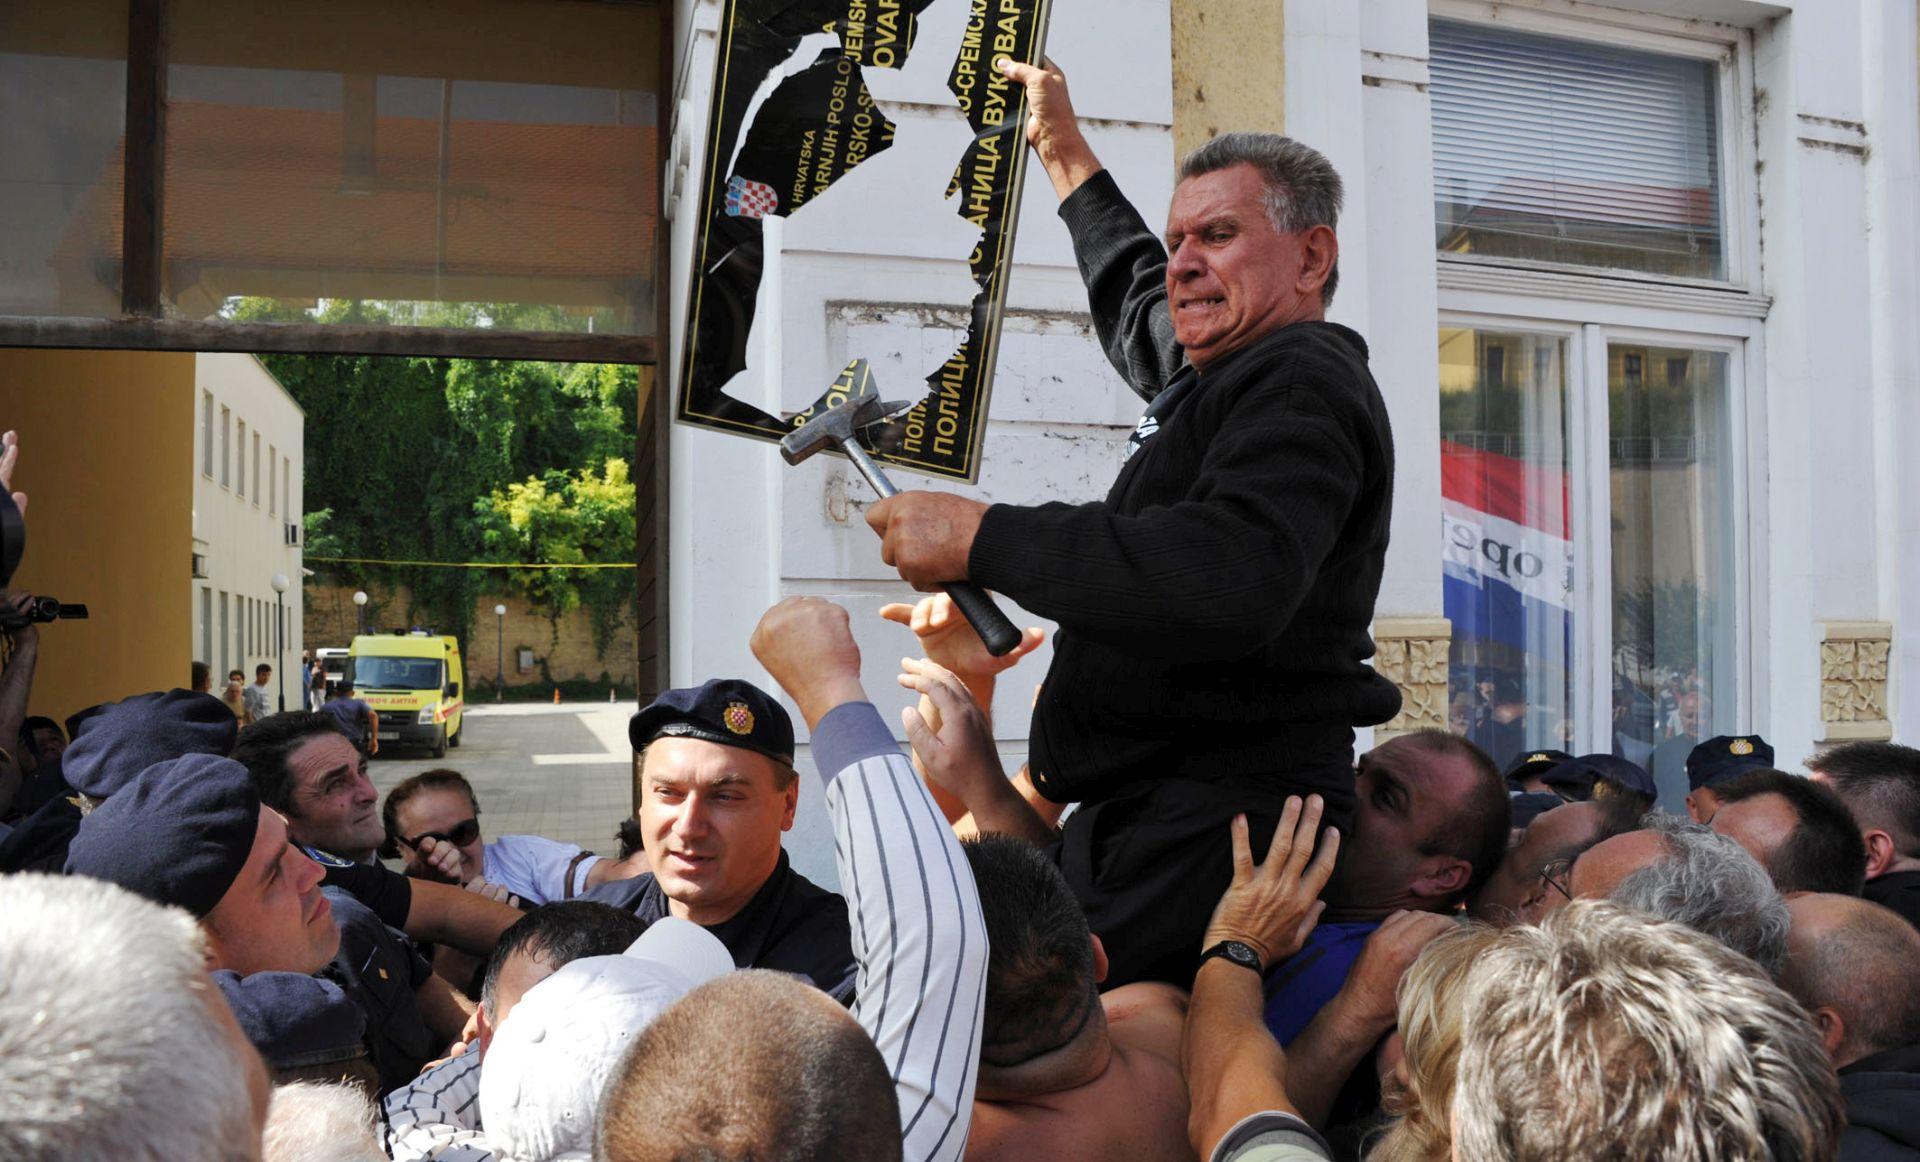 Sud oslobodio Živkovića zbog razbijanja dvojezičnih ploča